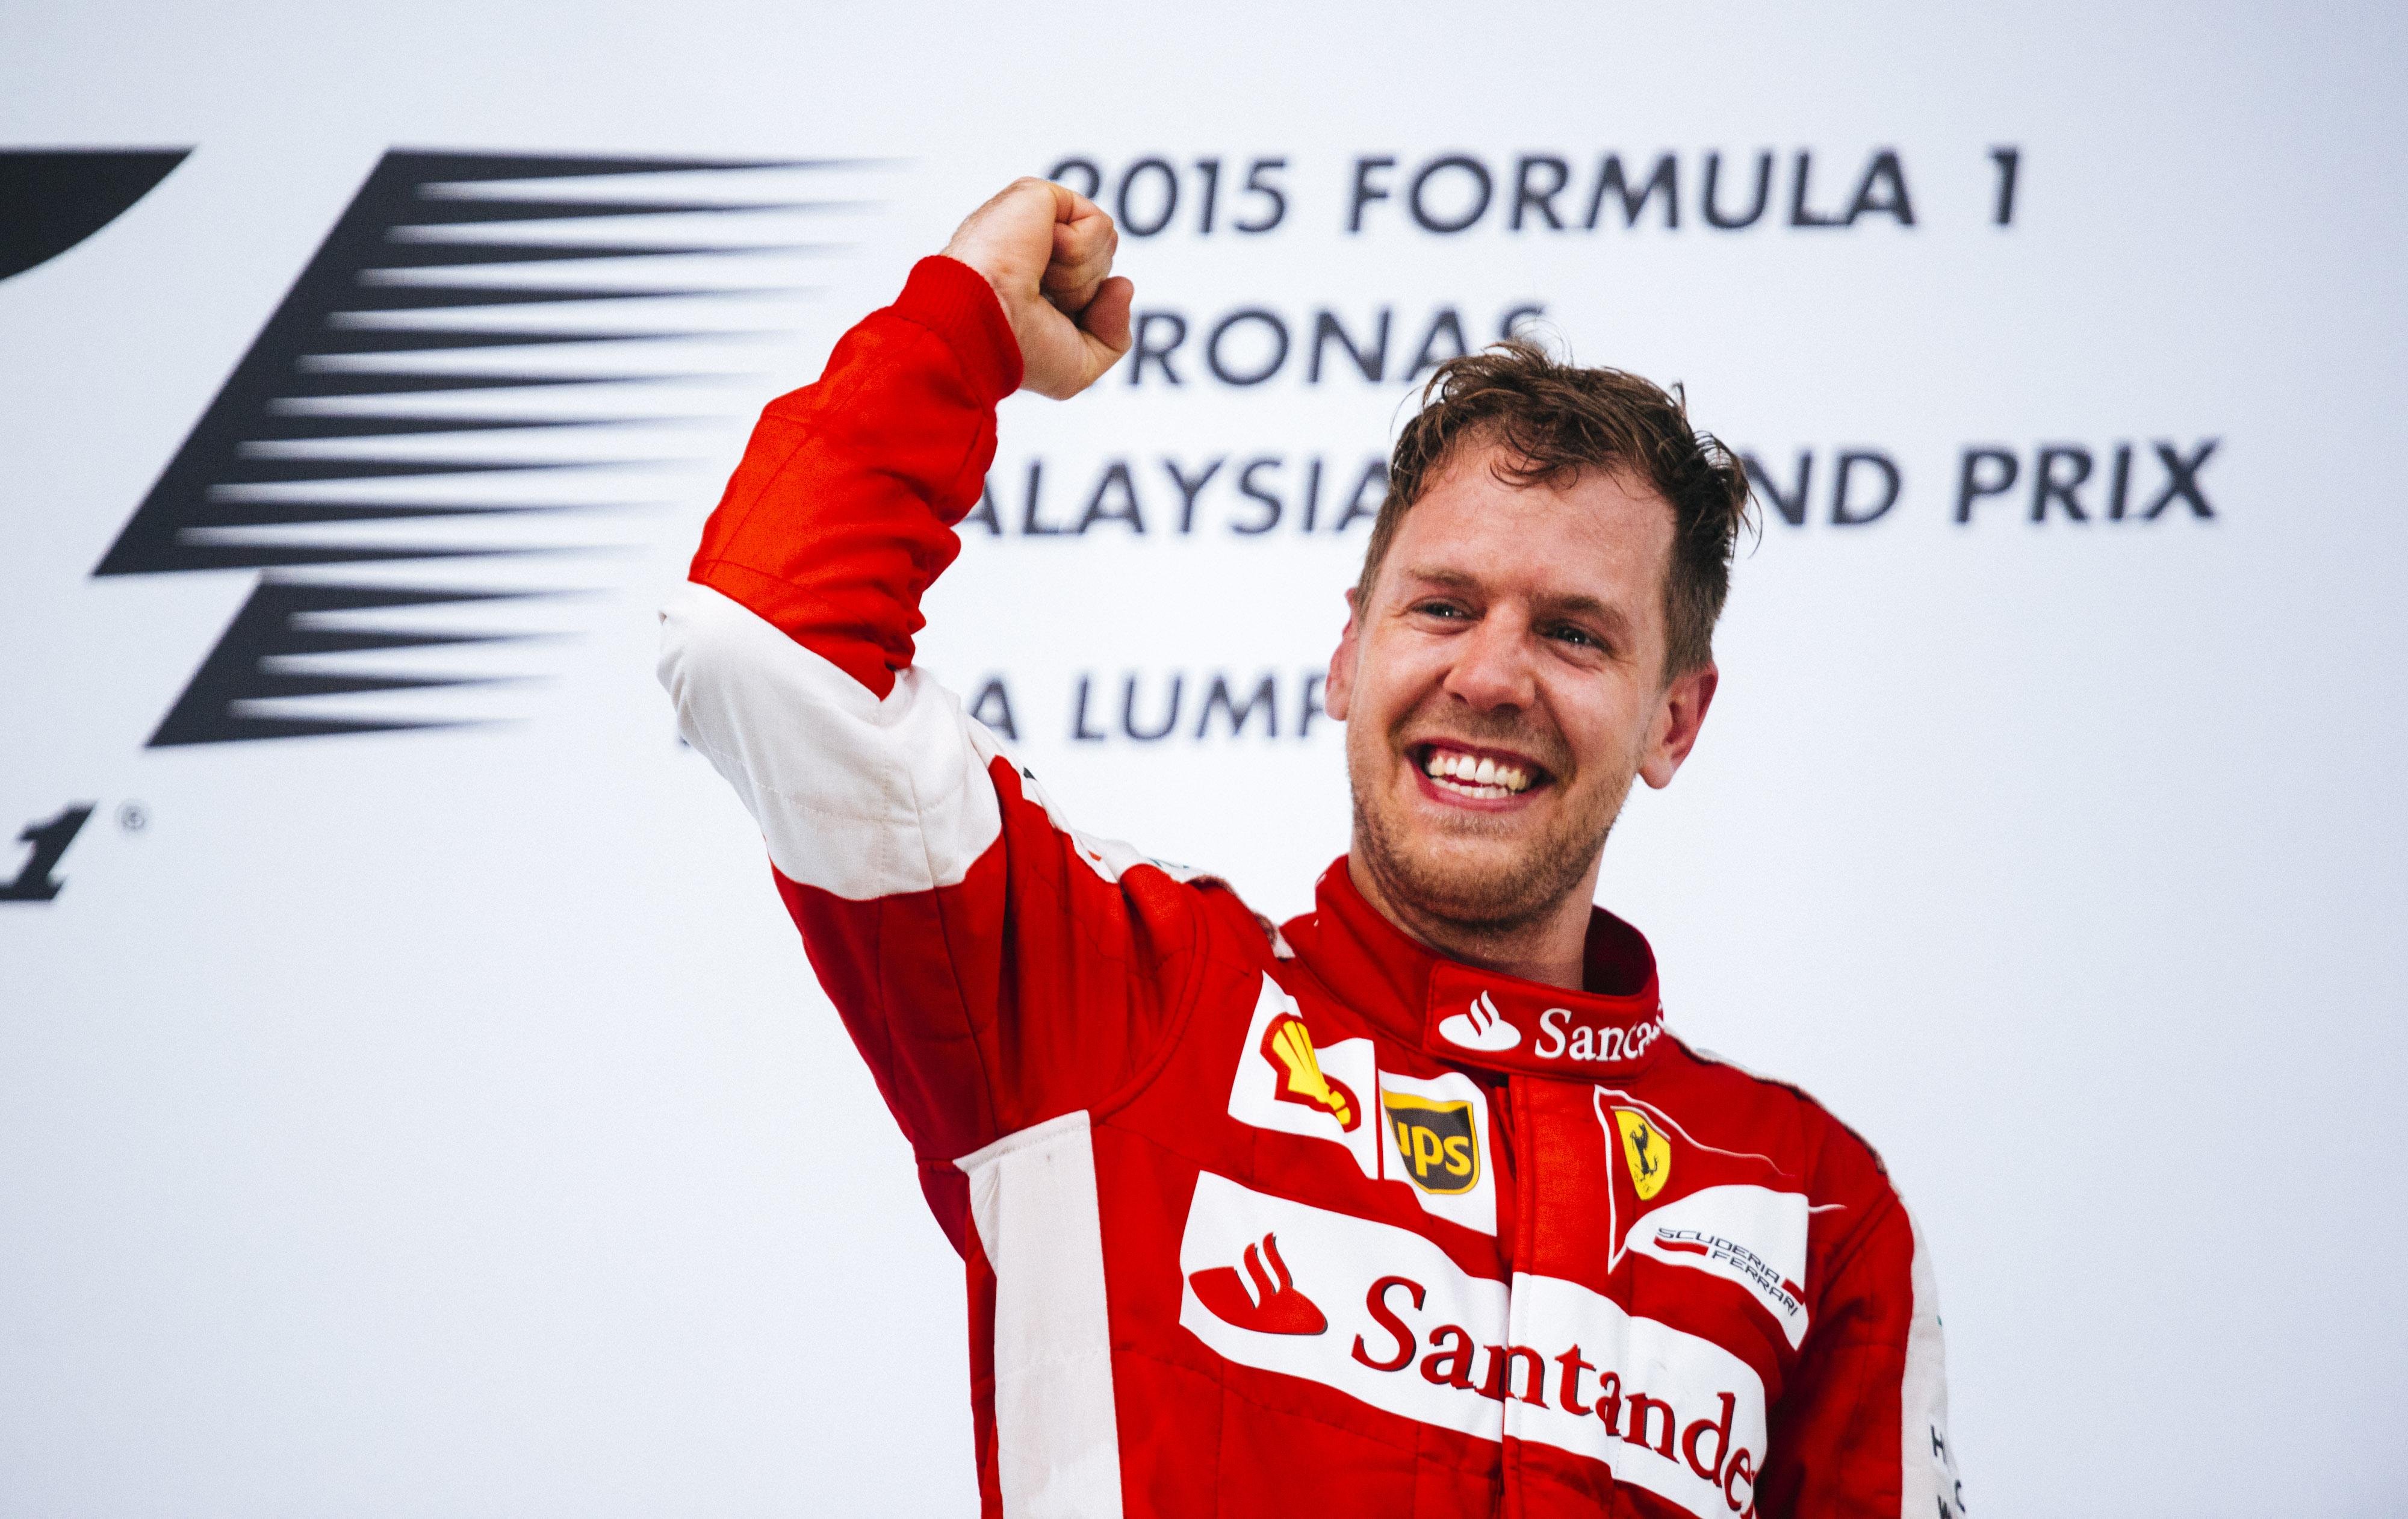 Sebastian Vettel su Ferrari vince il Gran Premio della Malesia